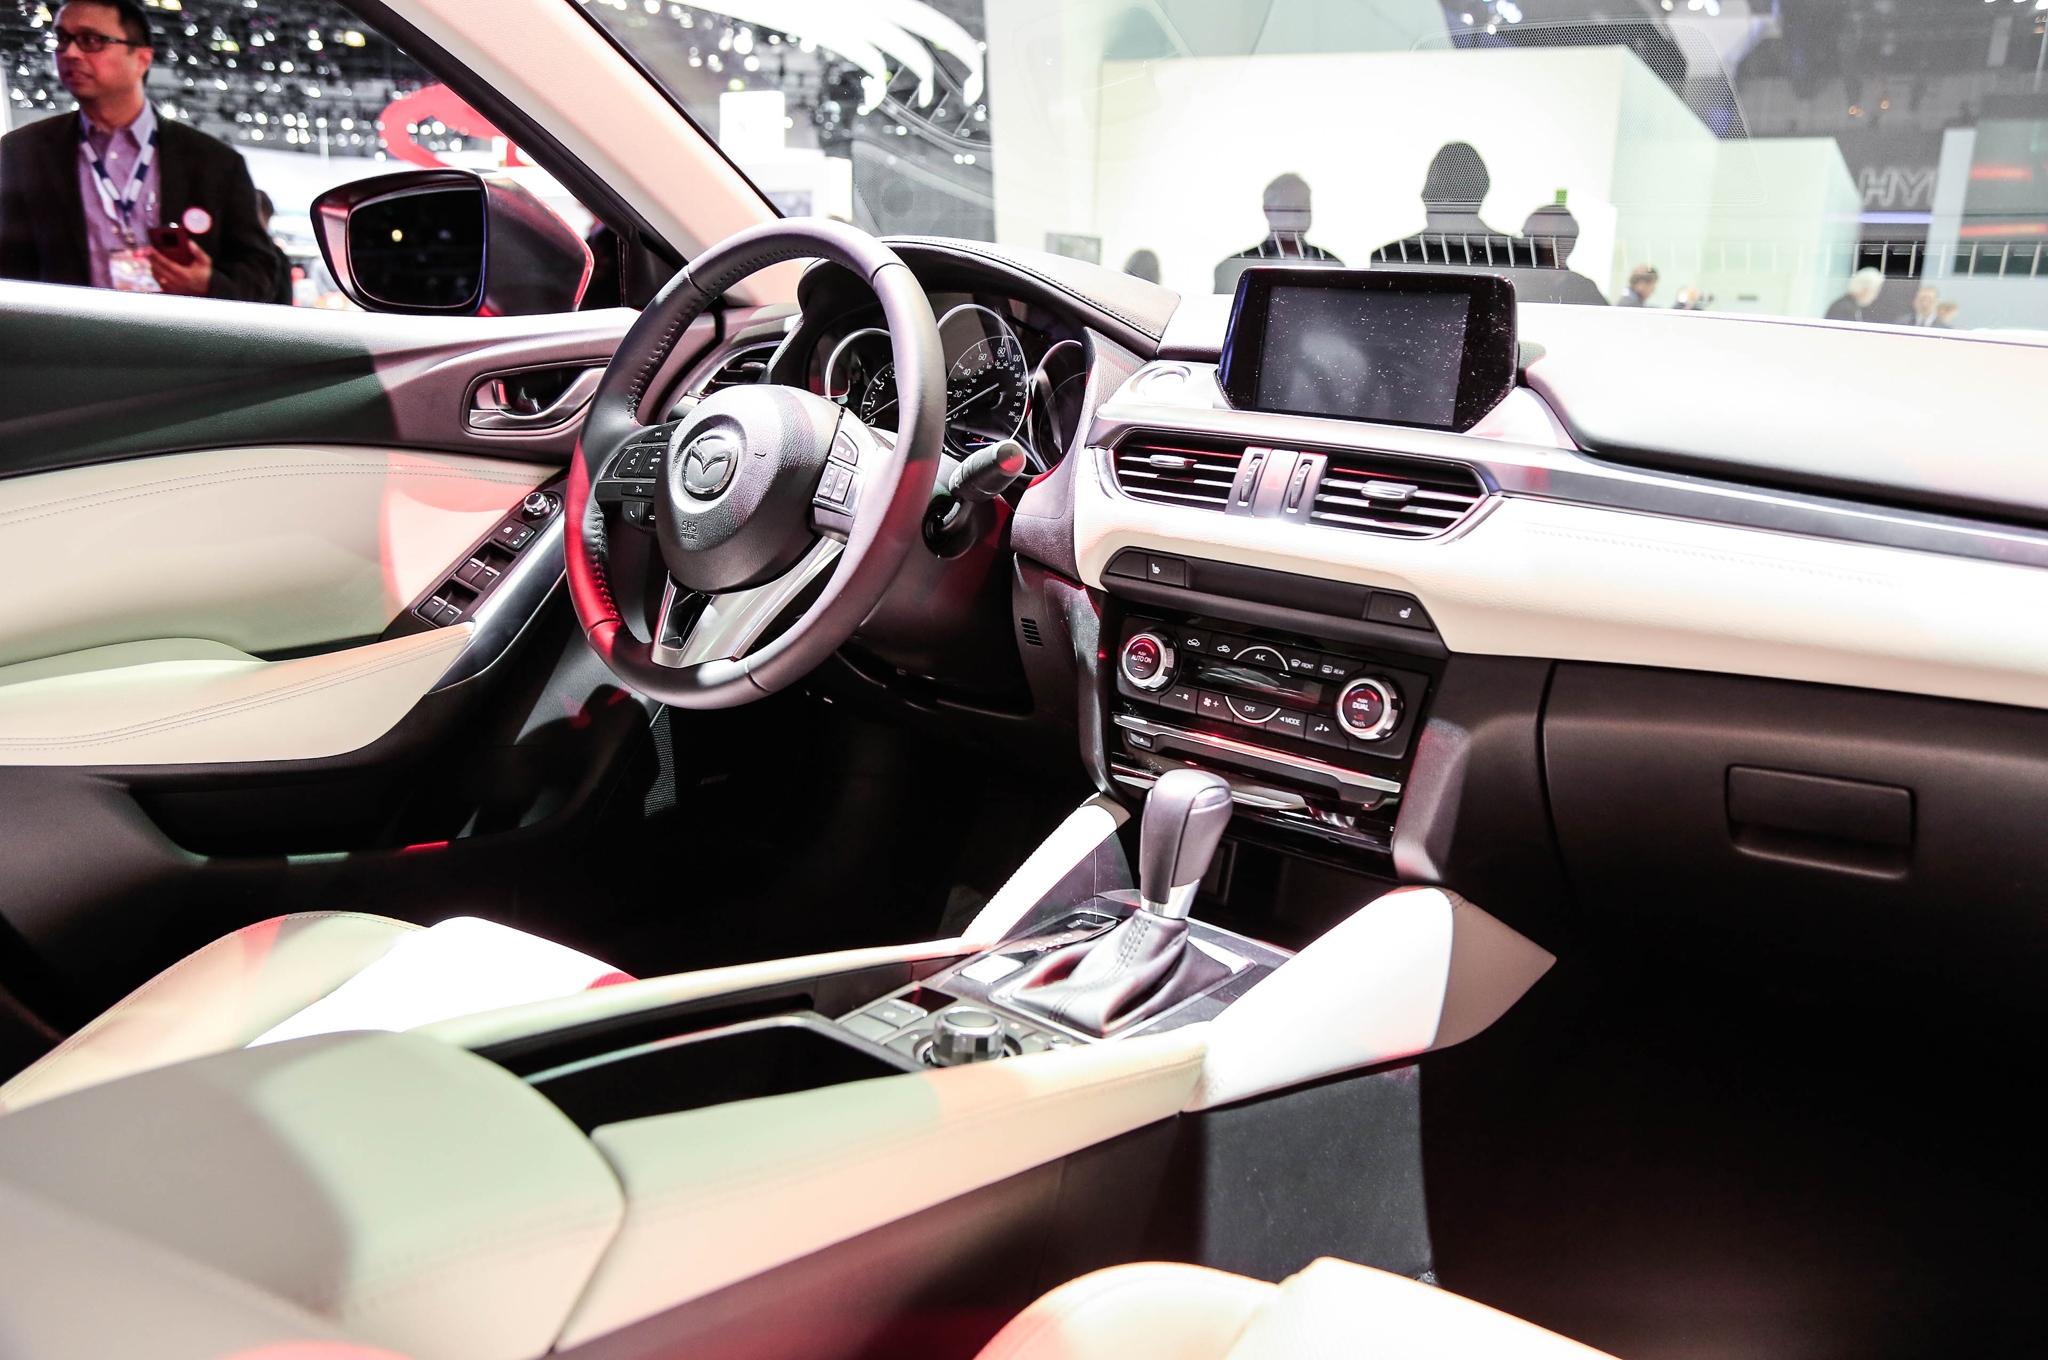 2016 Mazda 6 interior on 2014 LA Auto Show